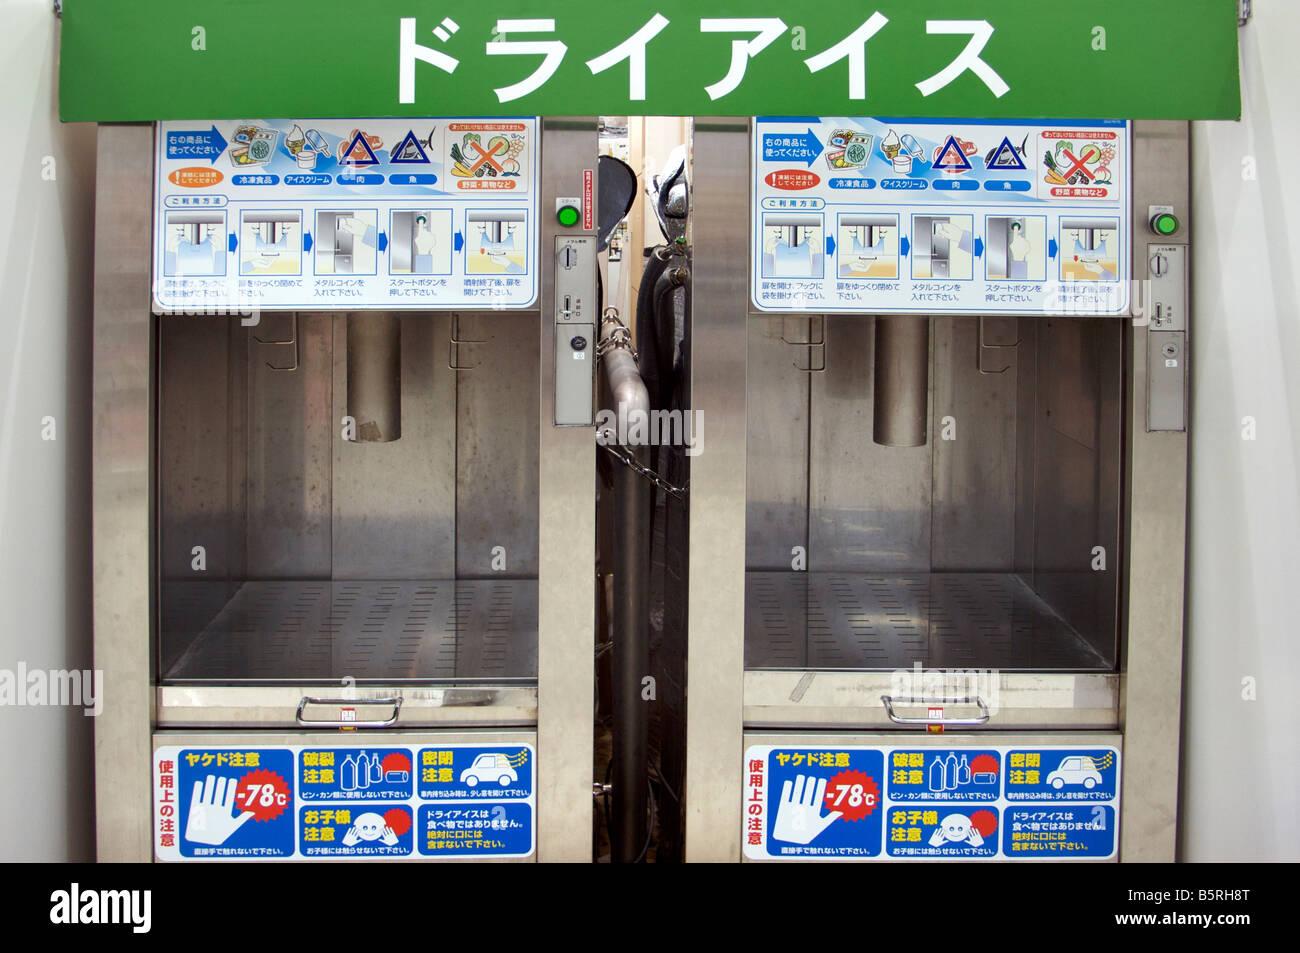 Freezing machine in a Japanese supermarket - Stock Image